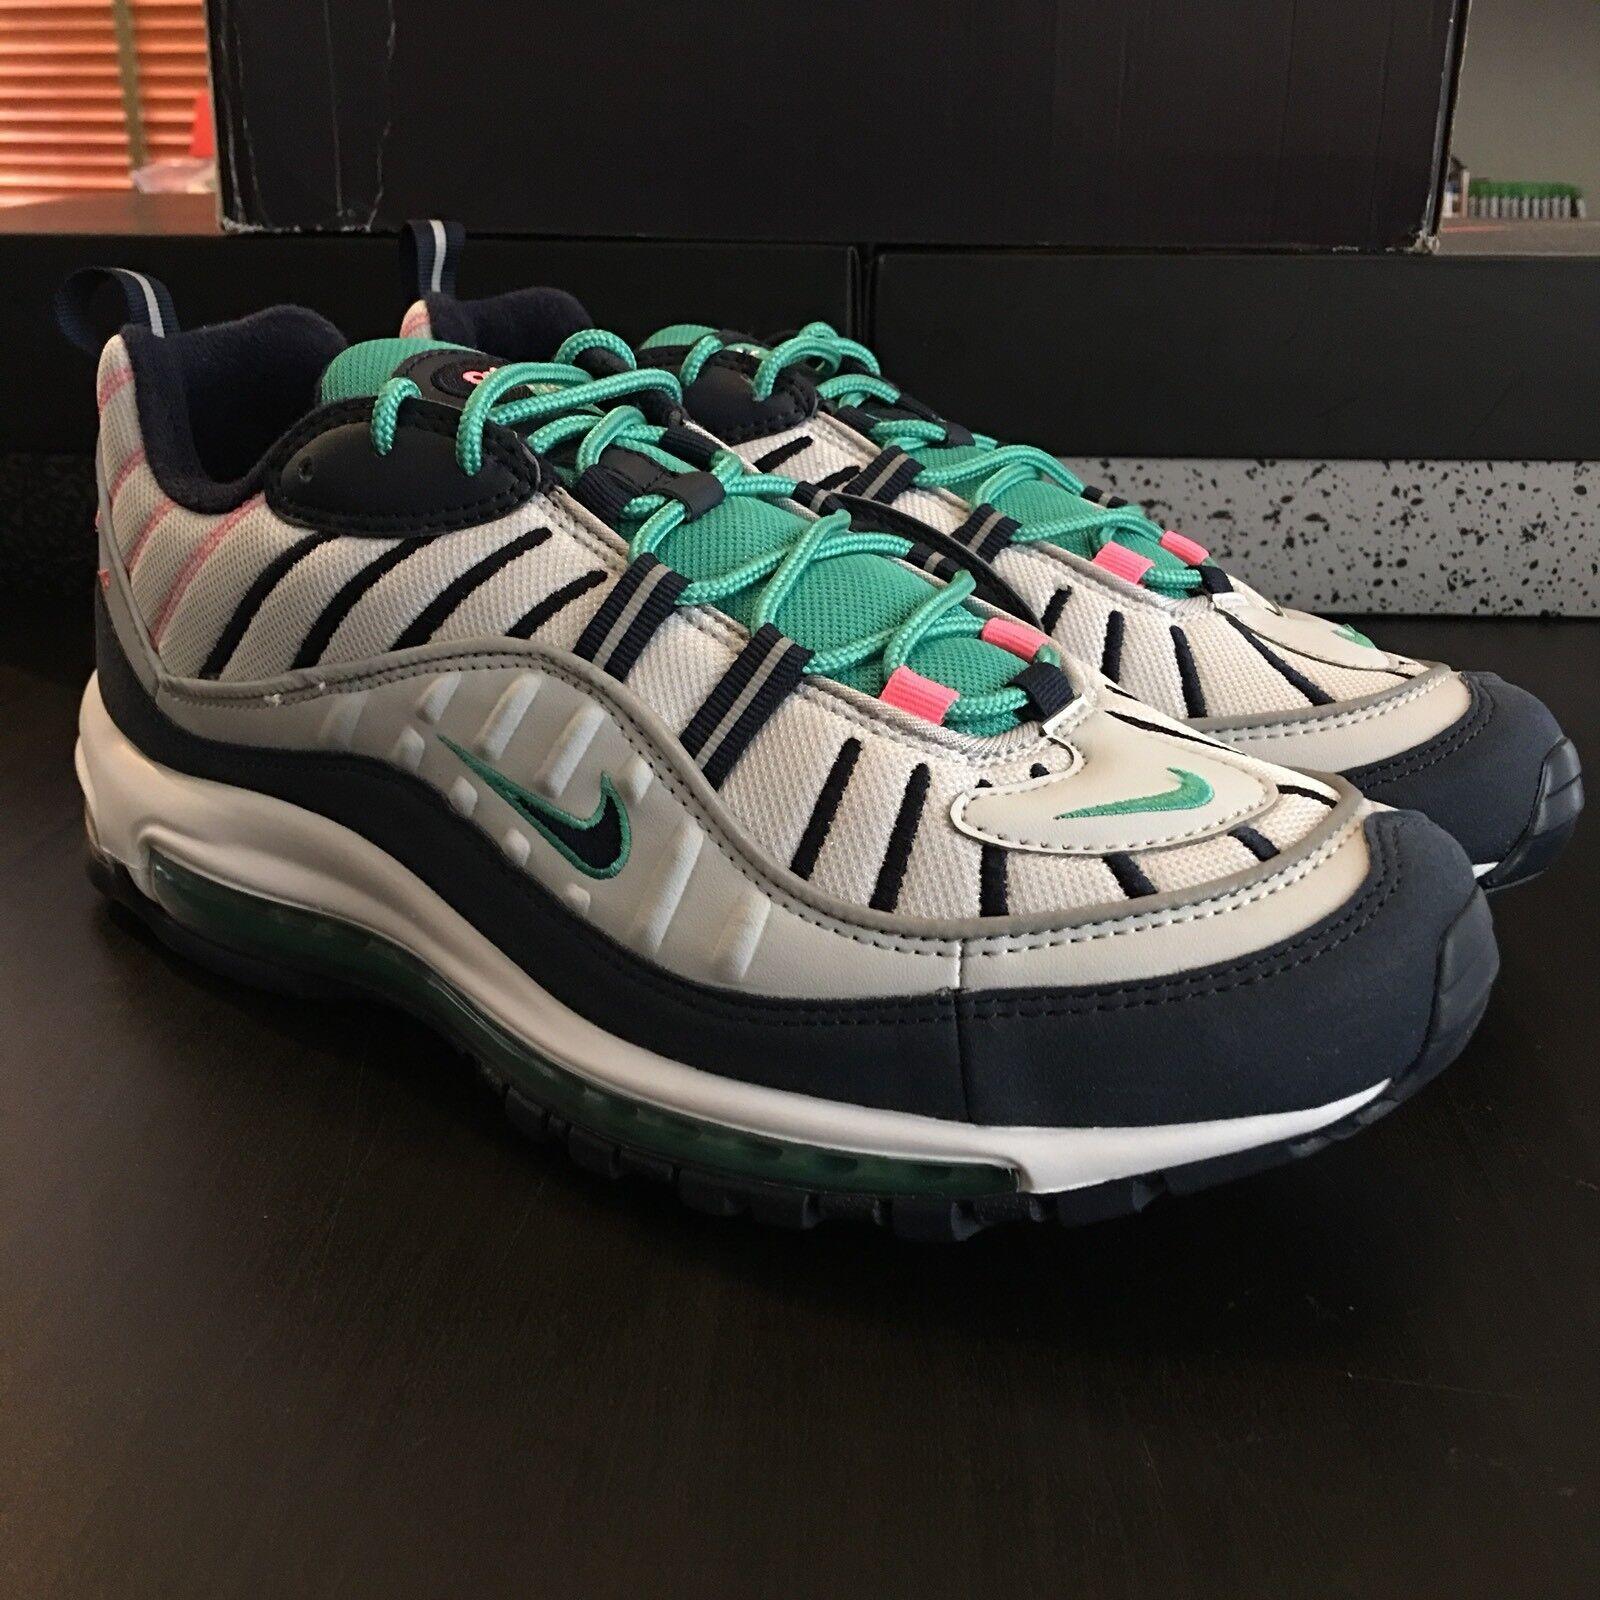 Nike Air Max 98 Men's Size 11 South Beach 640744-005 Pure Platinum Obsidian